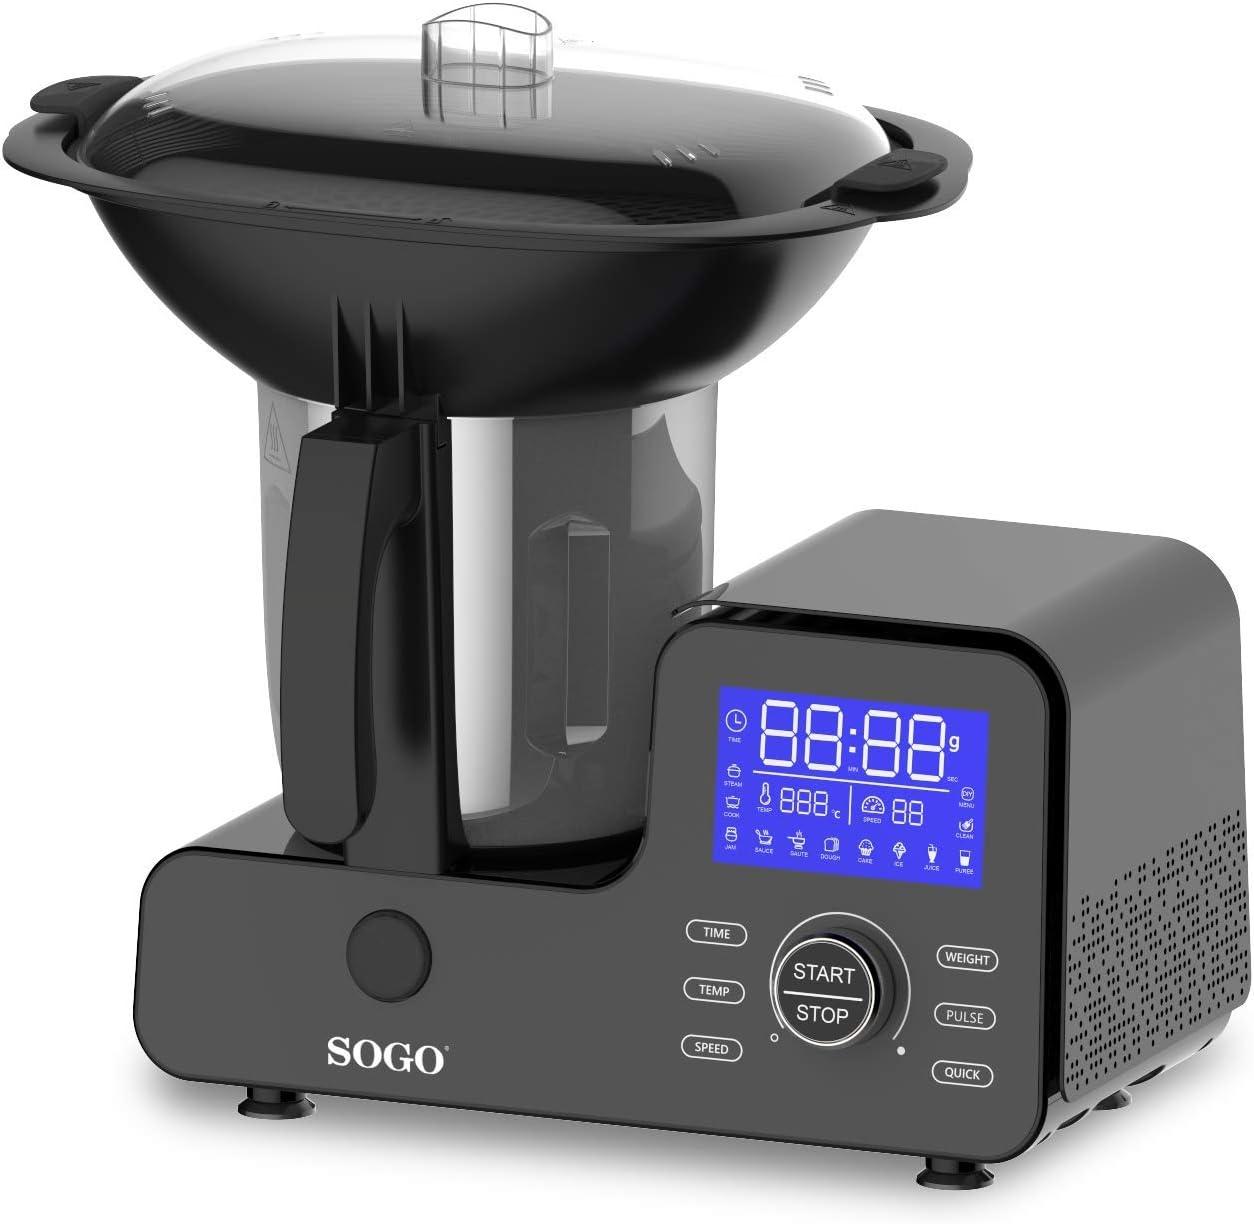 SOGO Easy Cook BAT-SS-14555 Robot de Cocina Multifunción, Báscula Integrada, con Vaporera, Libro de Recetas, 1500 W, 2 litros, Acero Inoxidable, 11 Velocidades, Negro: Amazon.es: Hogar